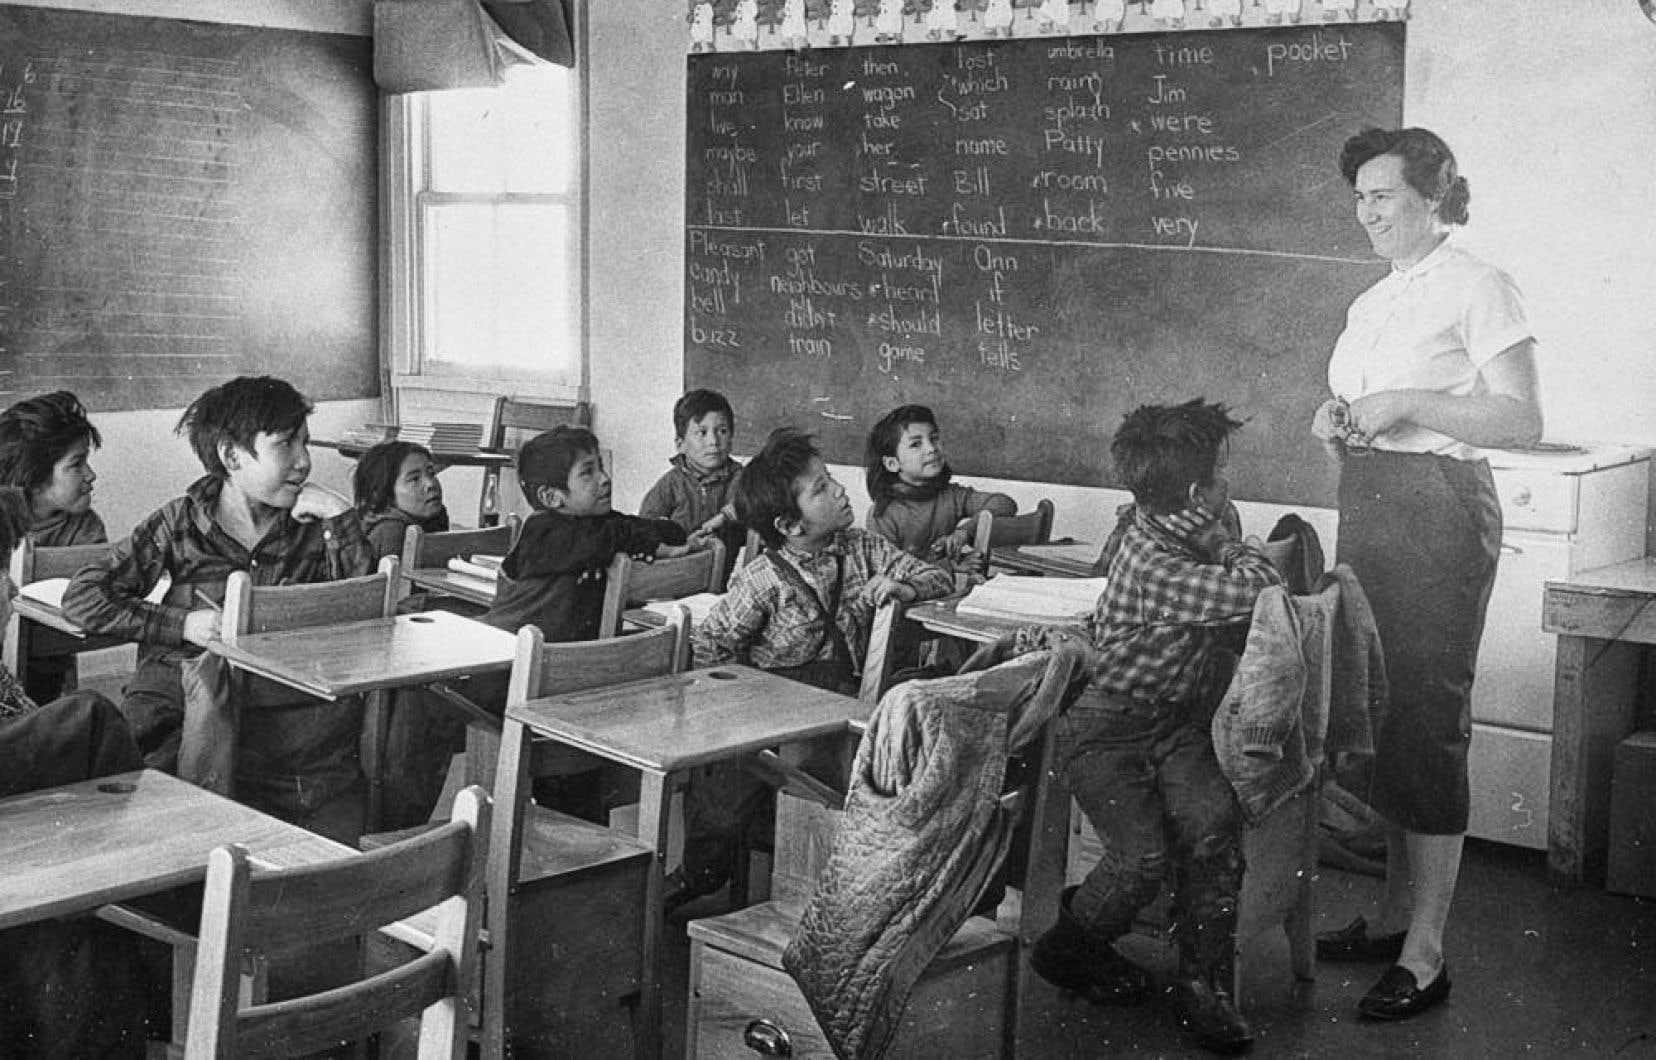 Un groupe d'enfants naskapis dans une salle de classe. Le responsable des Affaires indiennes lors de l'établissement du système de pensionnats pour autochtones était non pas Louis-Hector Langevin, mais le premier ministre de l'époque, John A. Macdonald.